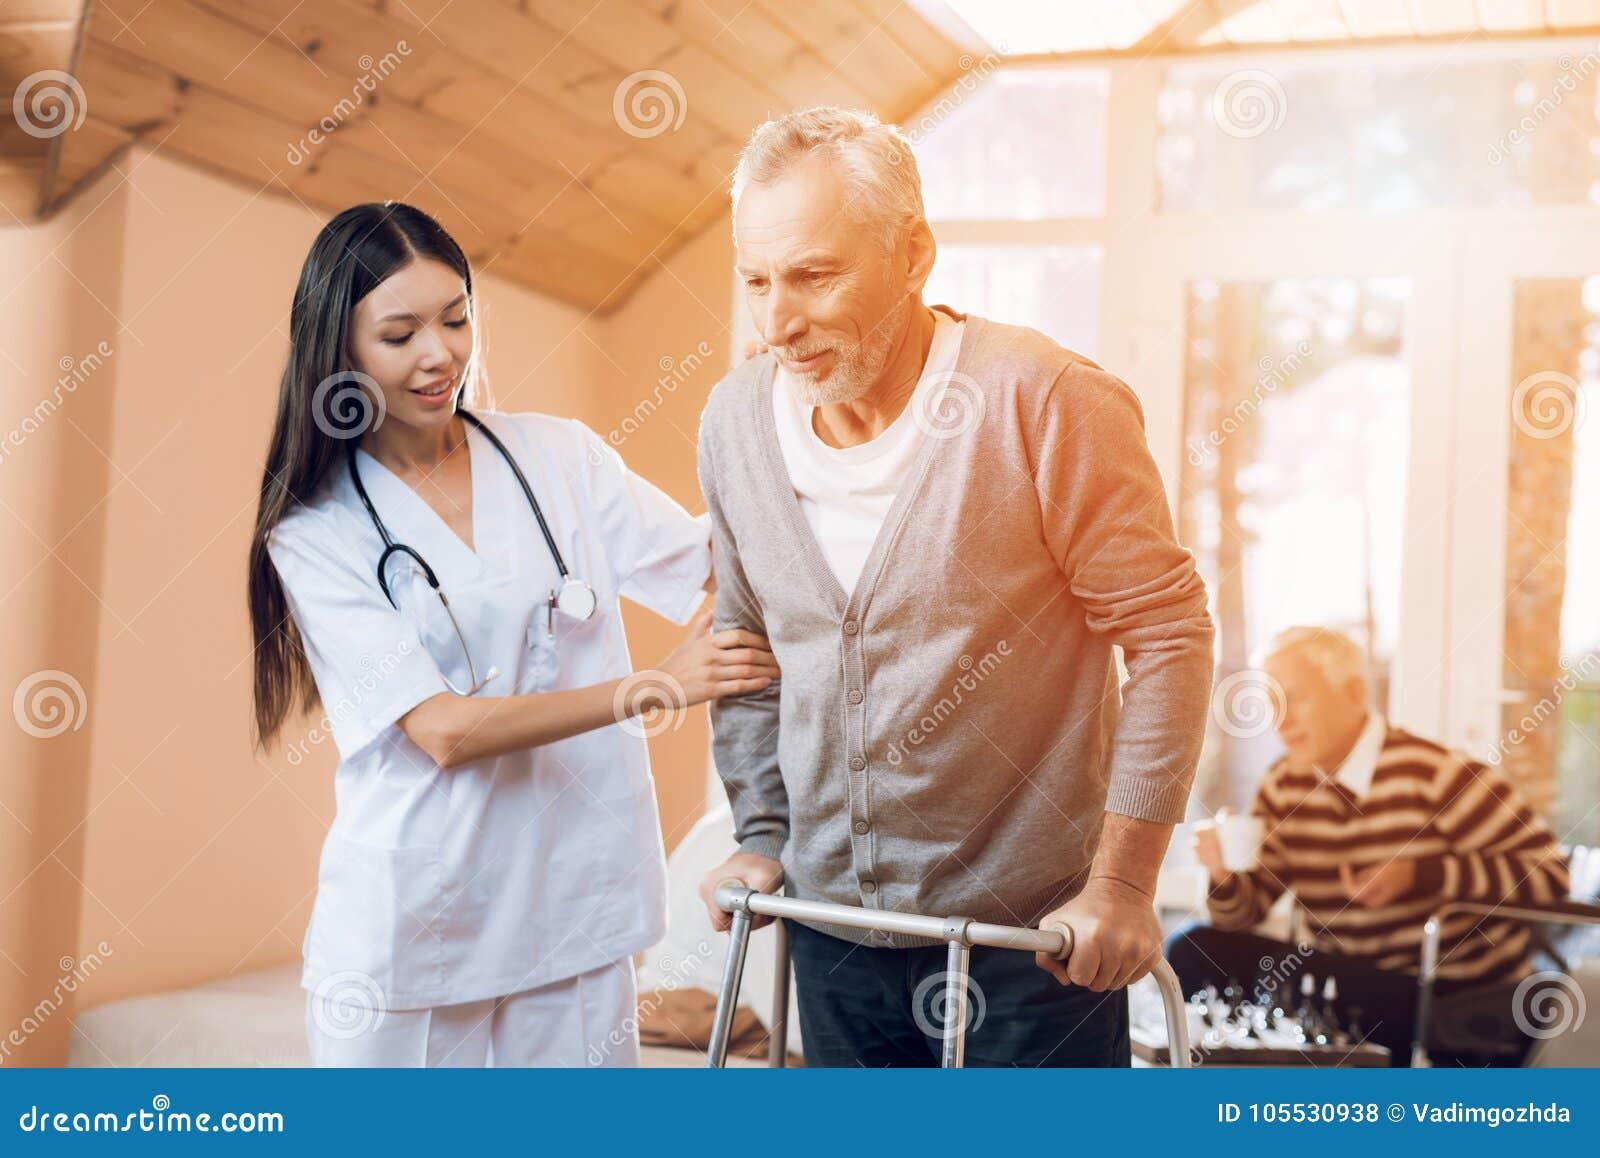 Взрослый дом престарелых пансионы для престарелых москва